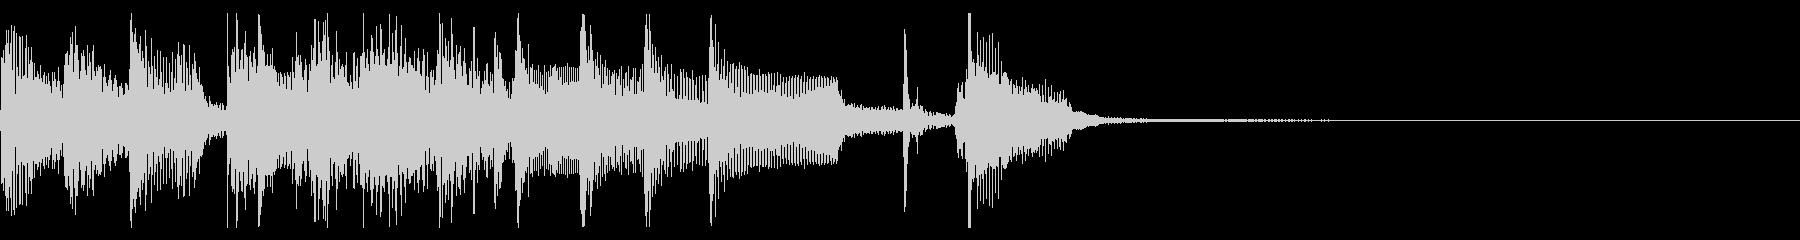 OP/ED用の軽快なアコースティック曲の未再生の波形